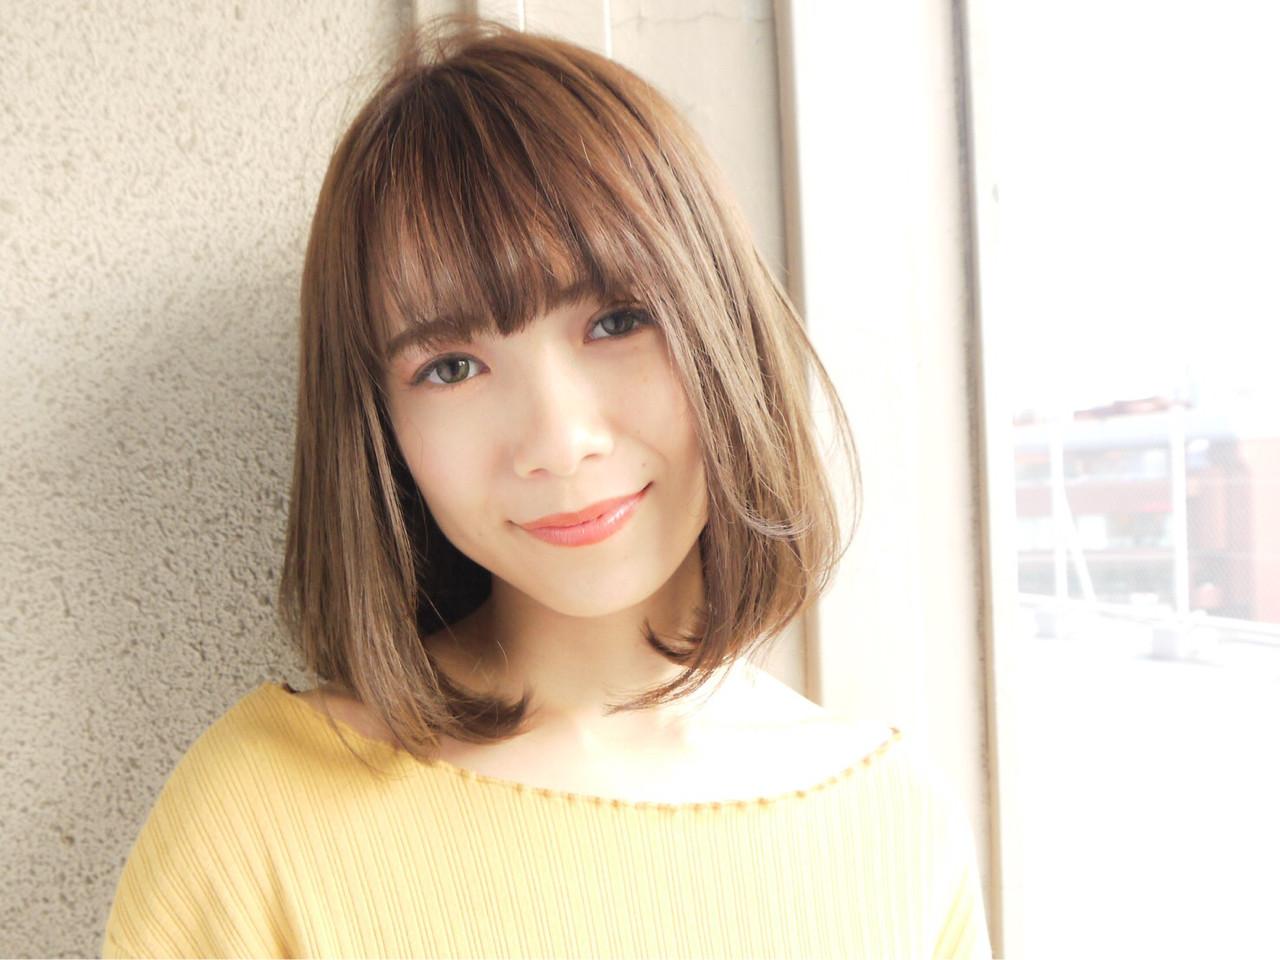 オフィス 小顔 大人かわいい コンサバ ヘアスタイルや髪型の写真・画像 | HIROKI / roijir / roijir